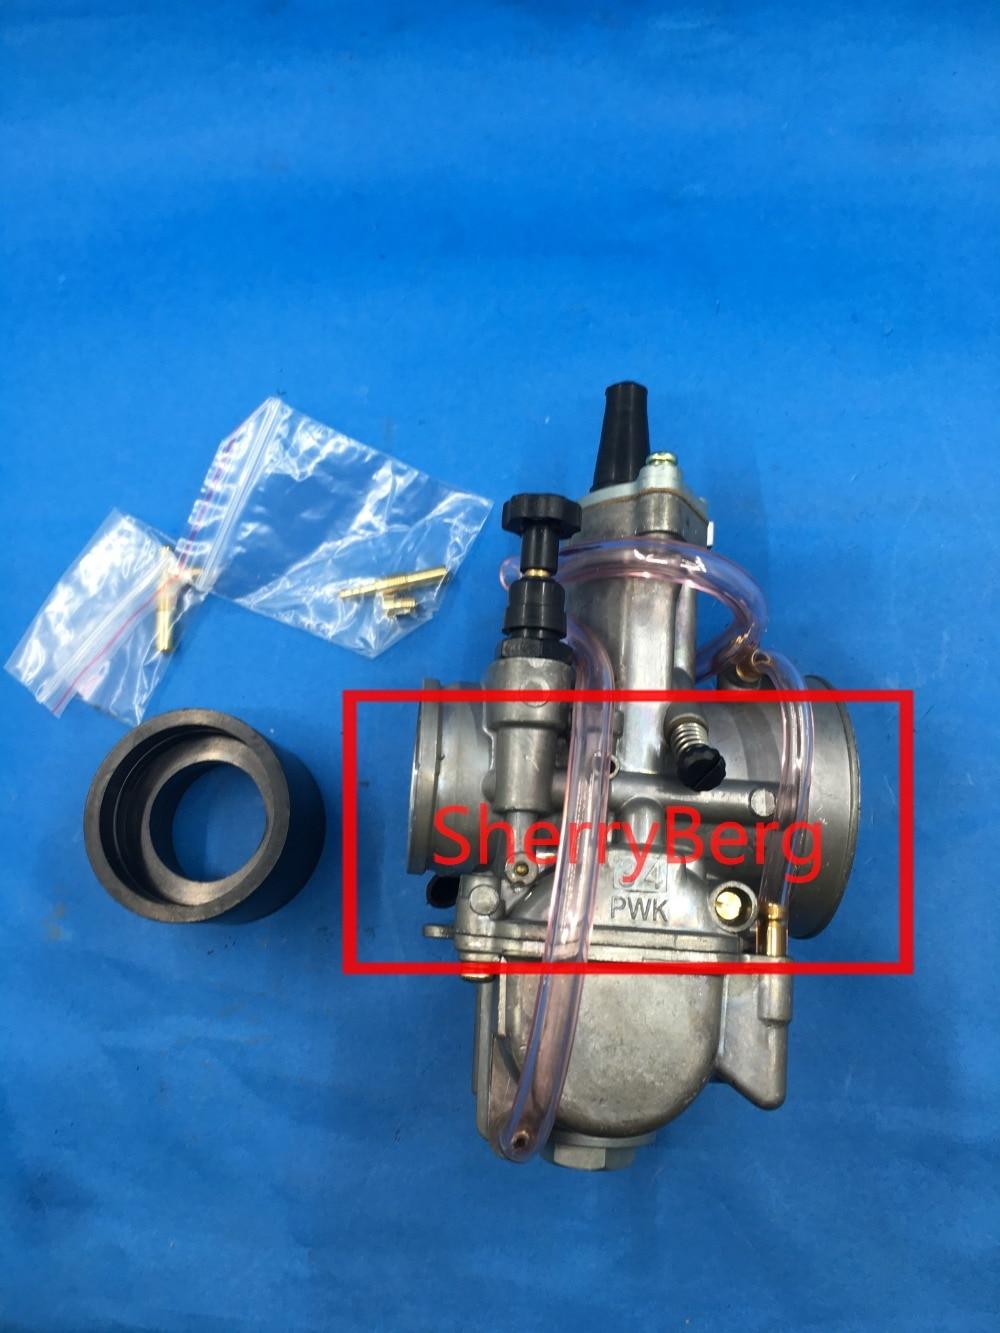 NEW 34MM Power Jet Carburetor Carb replace MIKUNI PWK OKO 34 Dirt Bike ATV carburettor carb universal fit for honda ktm .